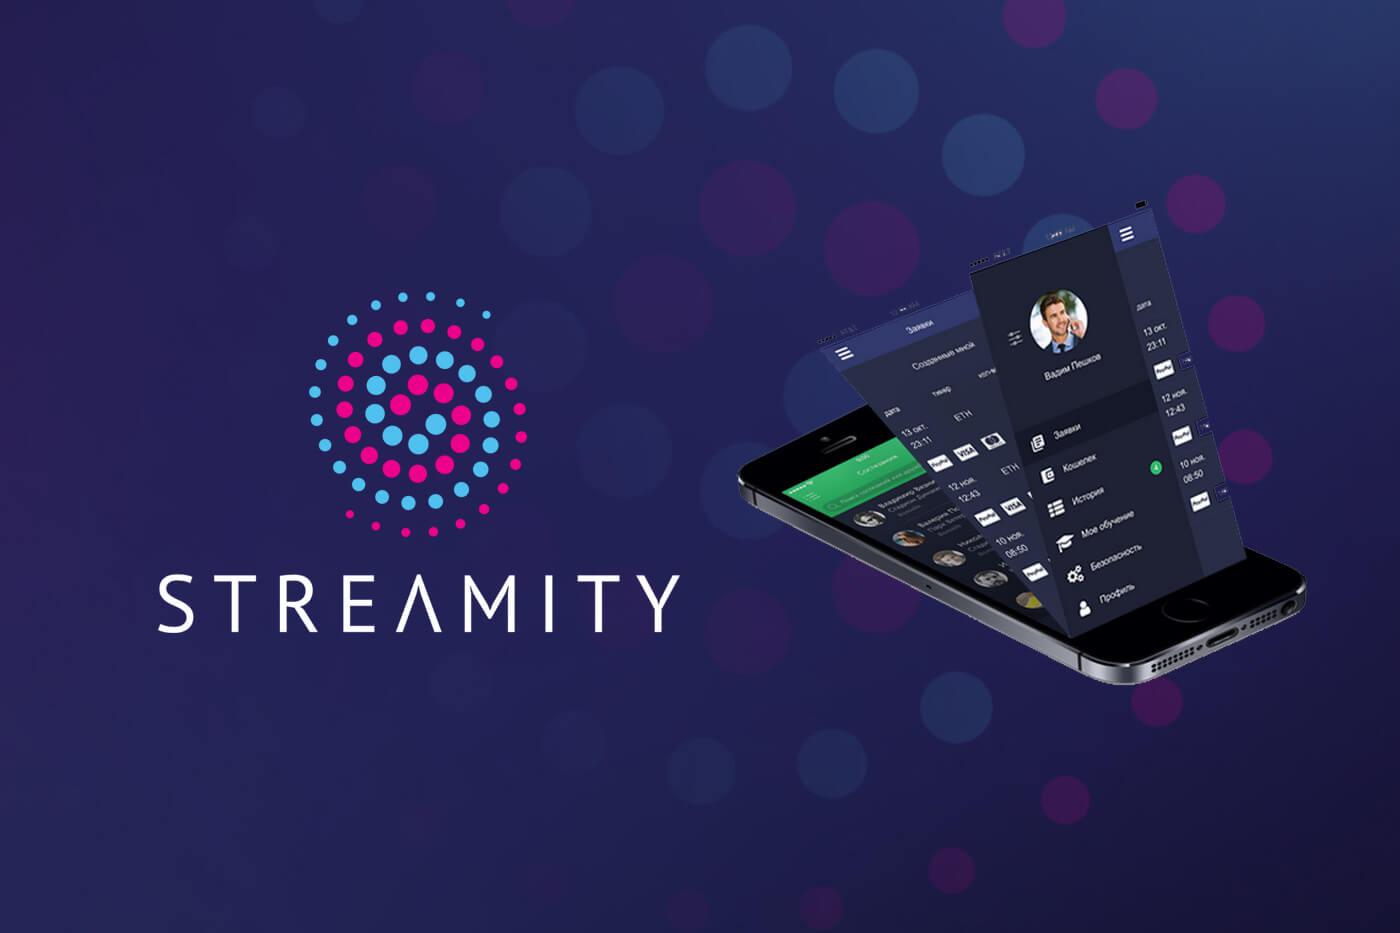 مشروعStreamity لإنشاء منصة تداول لامركزية يطلق حملة البيع الأولي للعملة ICO